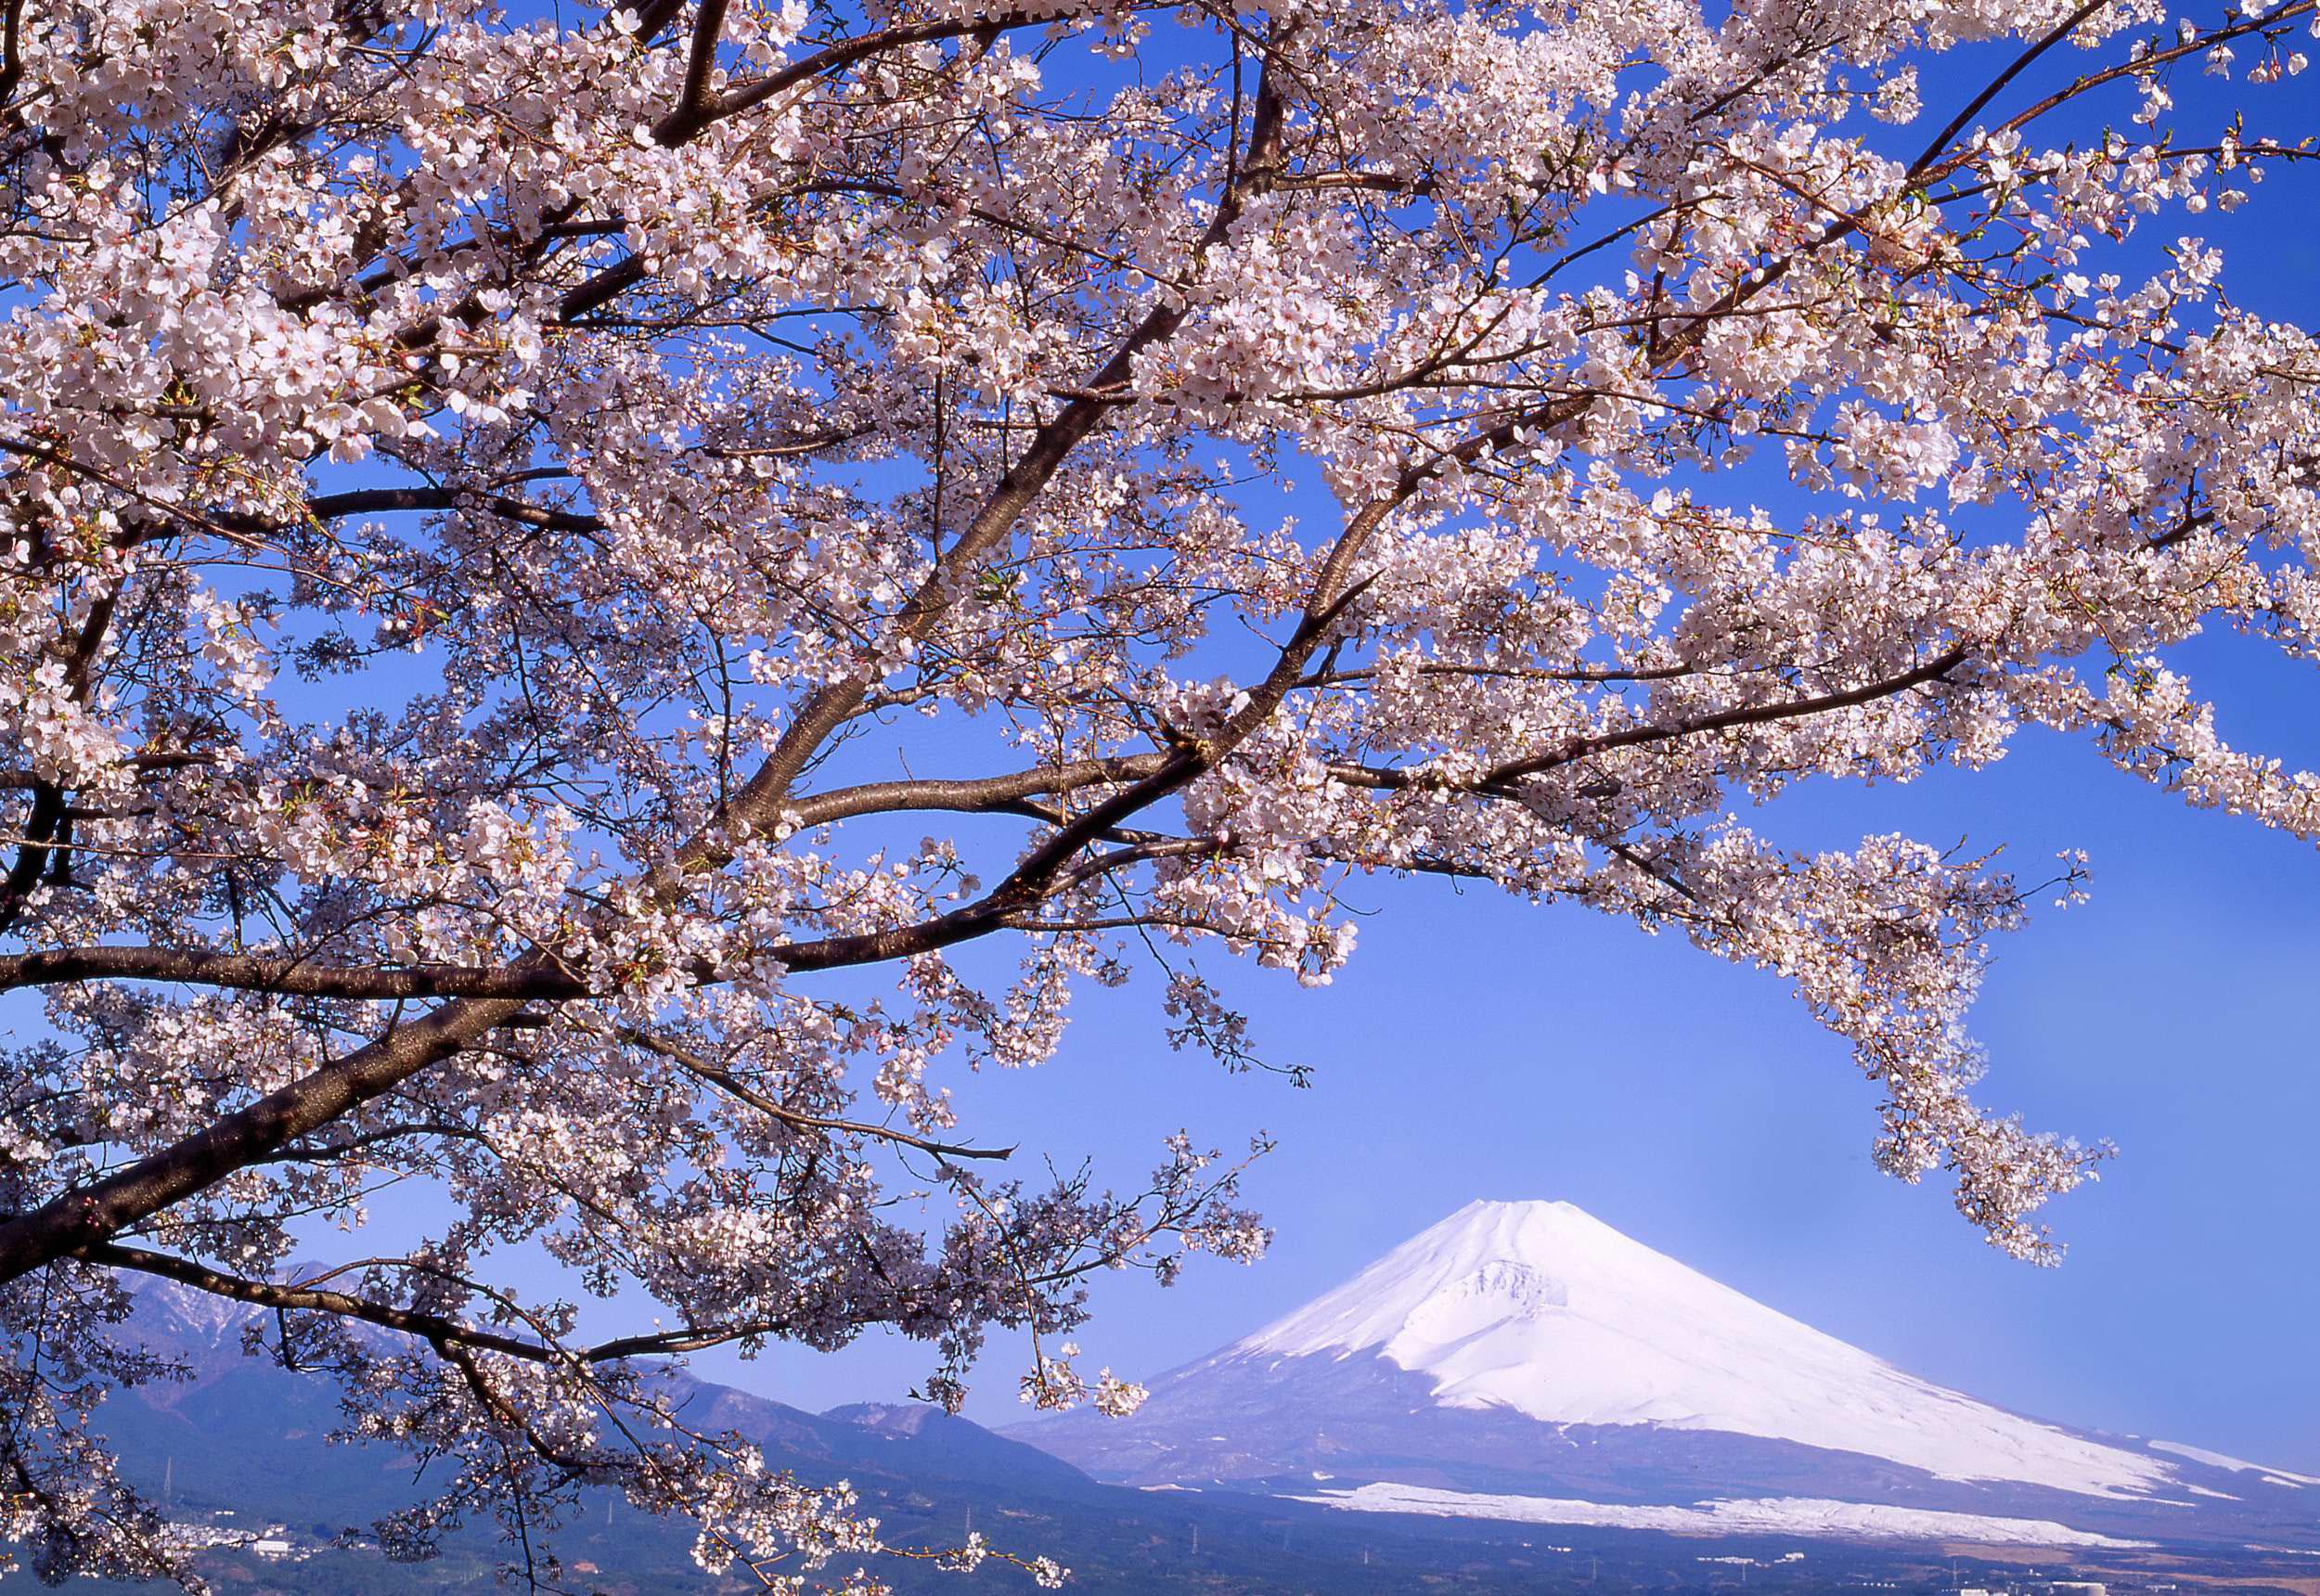 Pc壁紙 富士山 裾野市の富士山フリー素材です 裾野市観光協会公式ホームページ